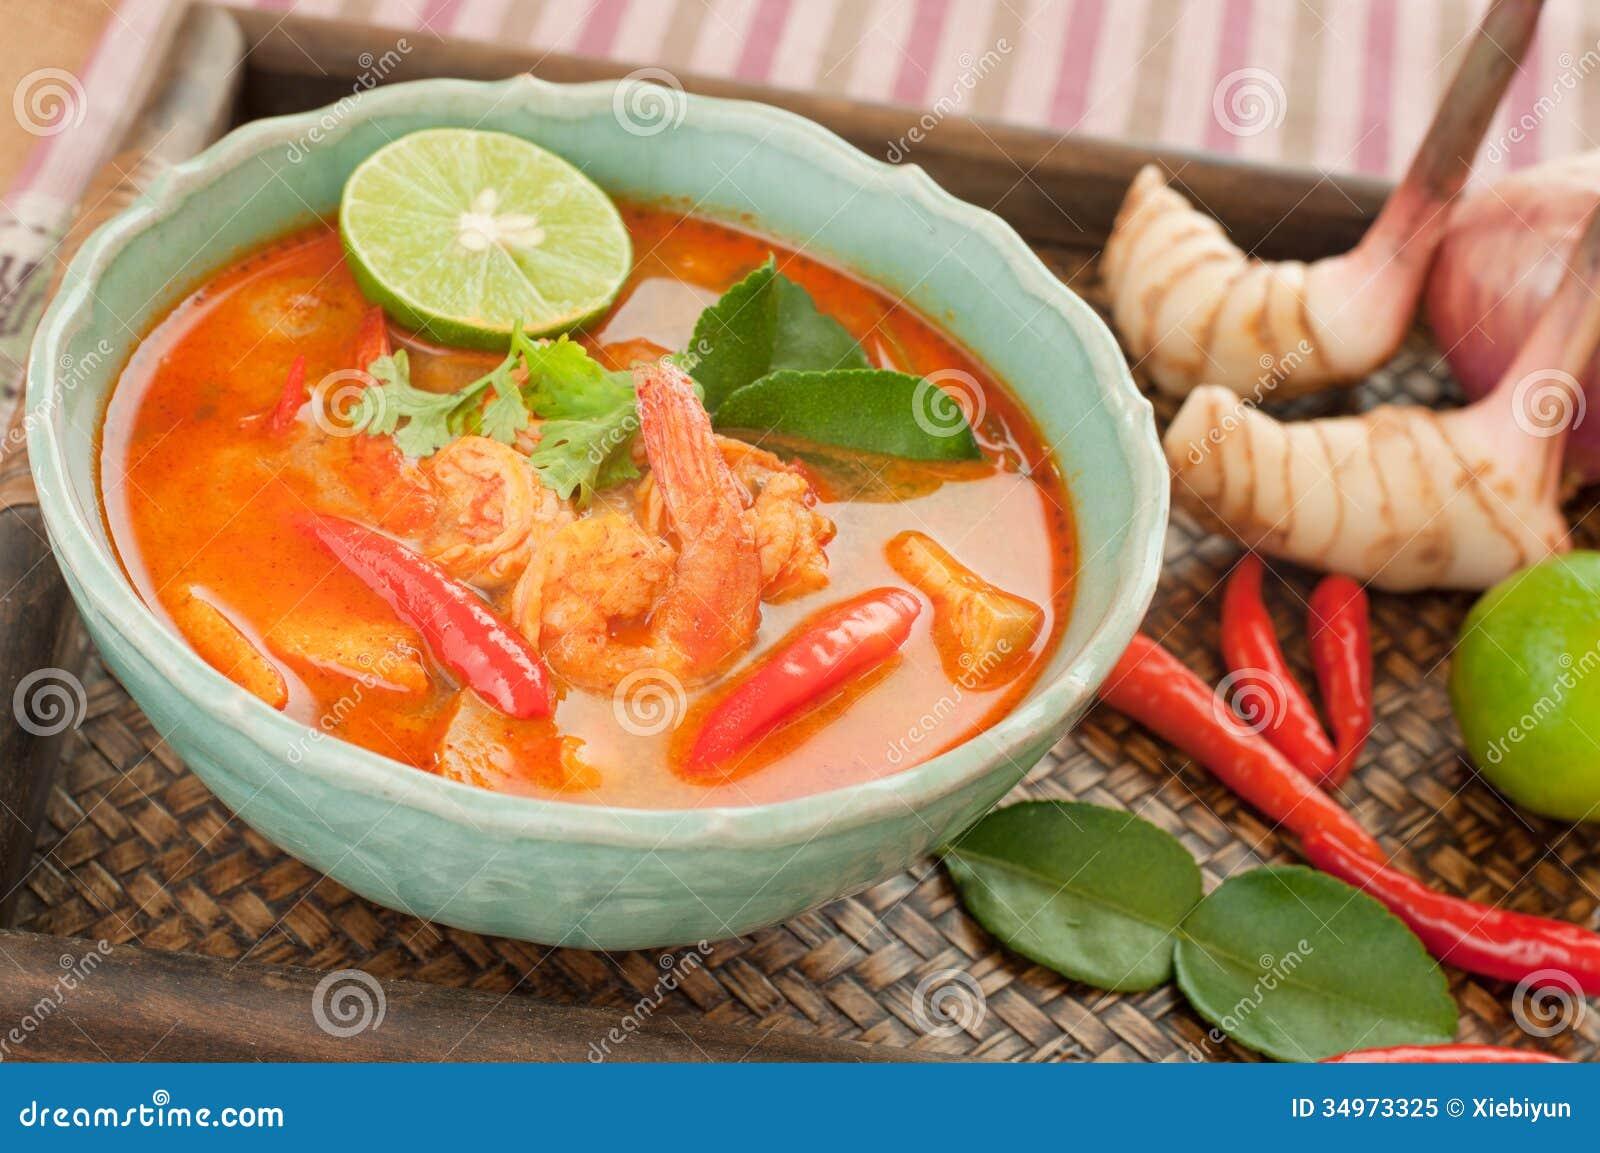 Thai Kitchen Soup Nutrition